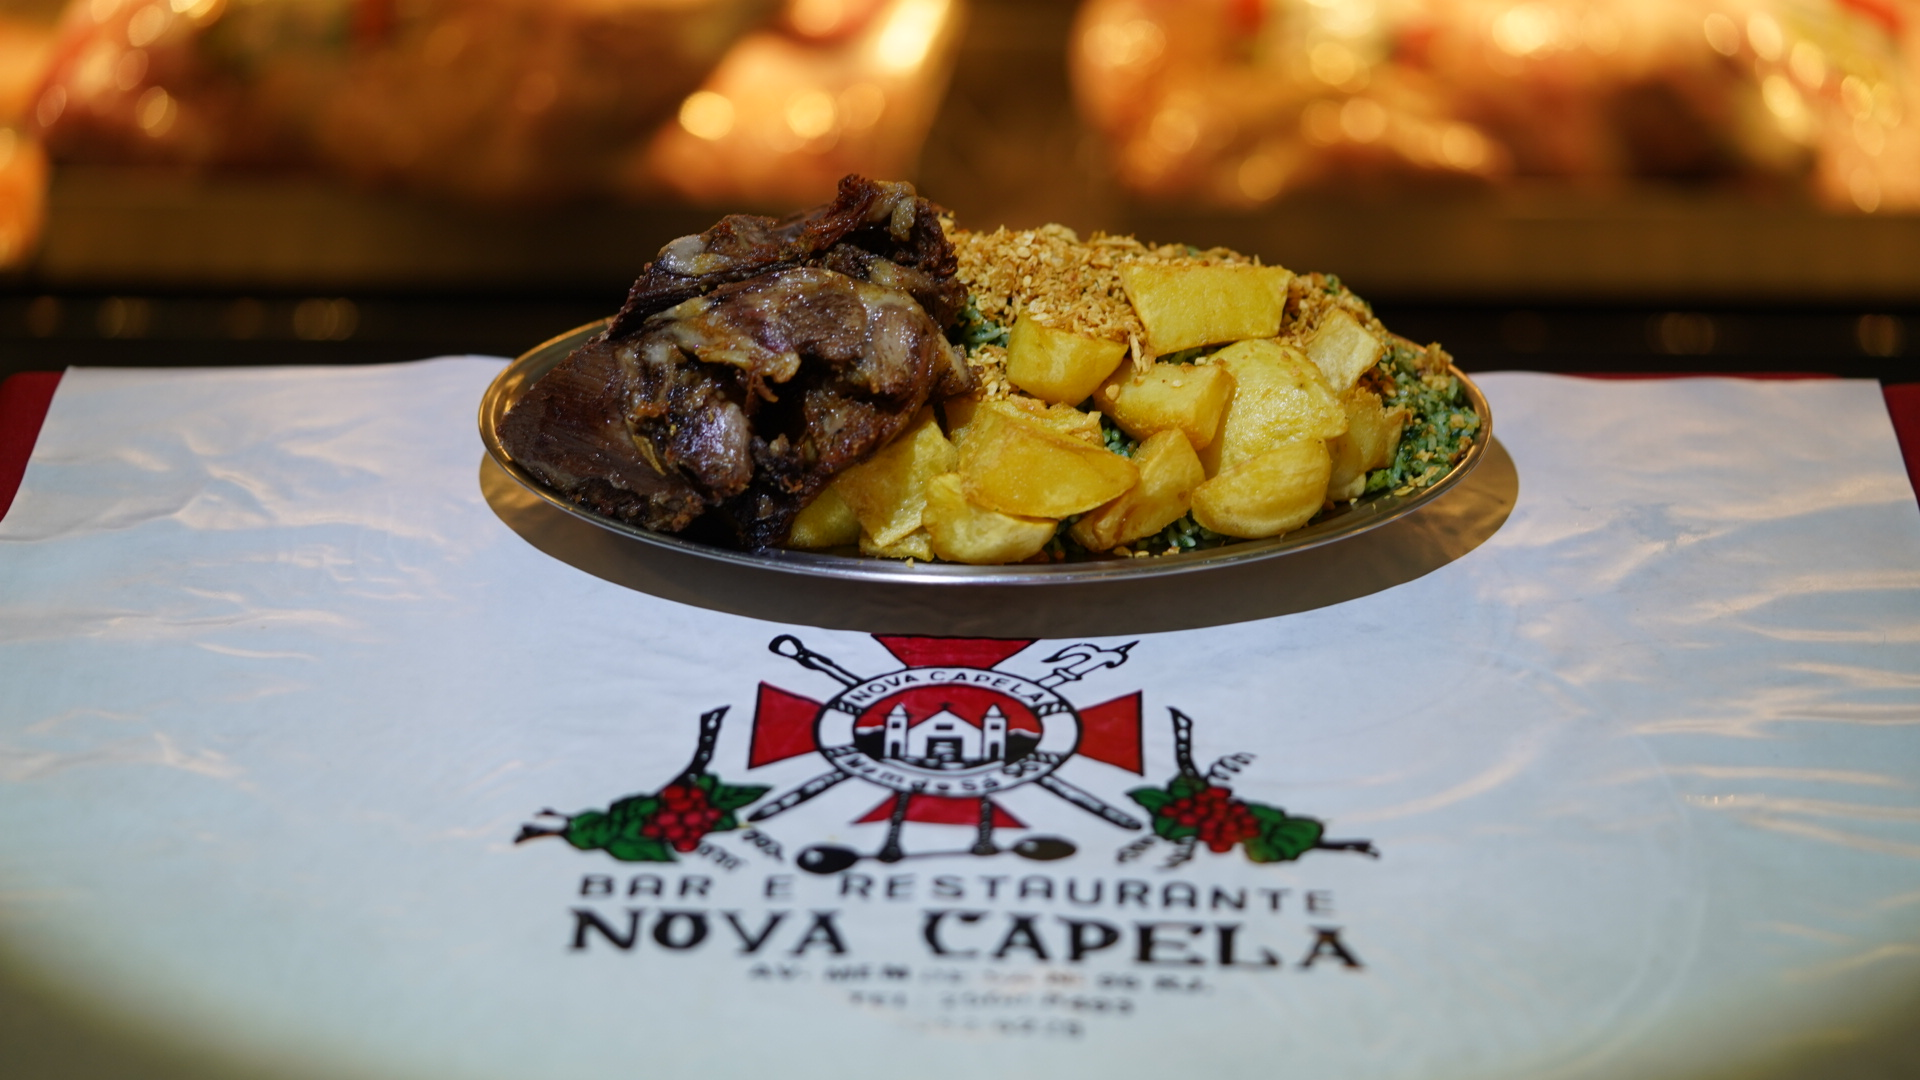 Famoso cabrito assado acompanhado de batatas coradas e arroz com brócolis, Bar e Restaurante Nova Capela